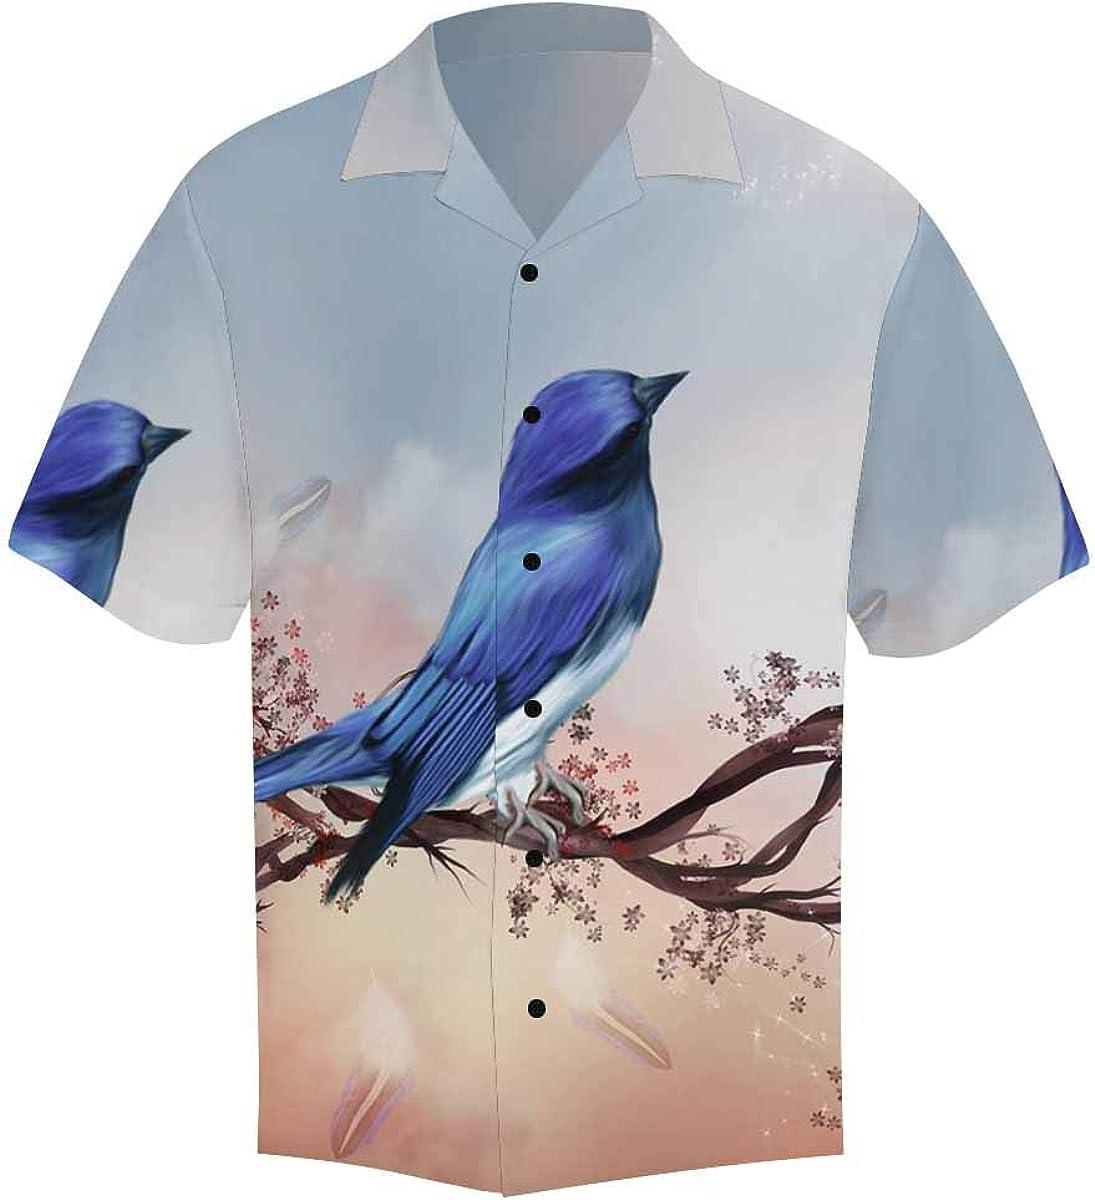 InterestPrint Men's Casual Button Down Short Sleeve Blue Ocean Cat Hawaiian Shirt (S-5XL)